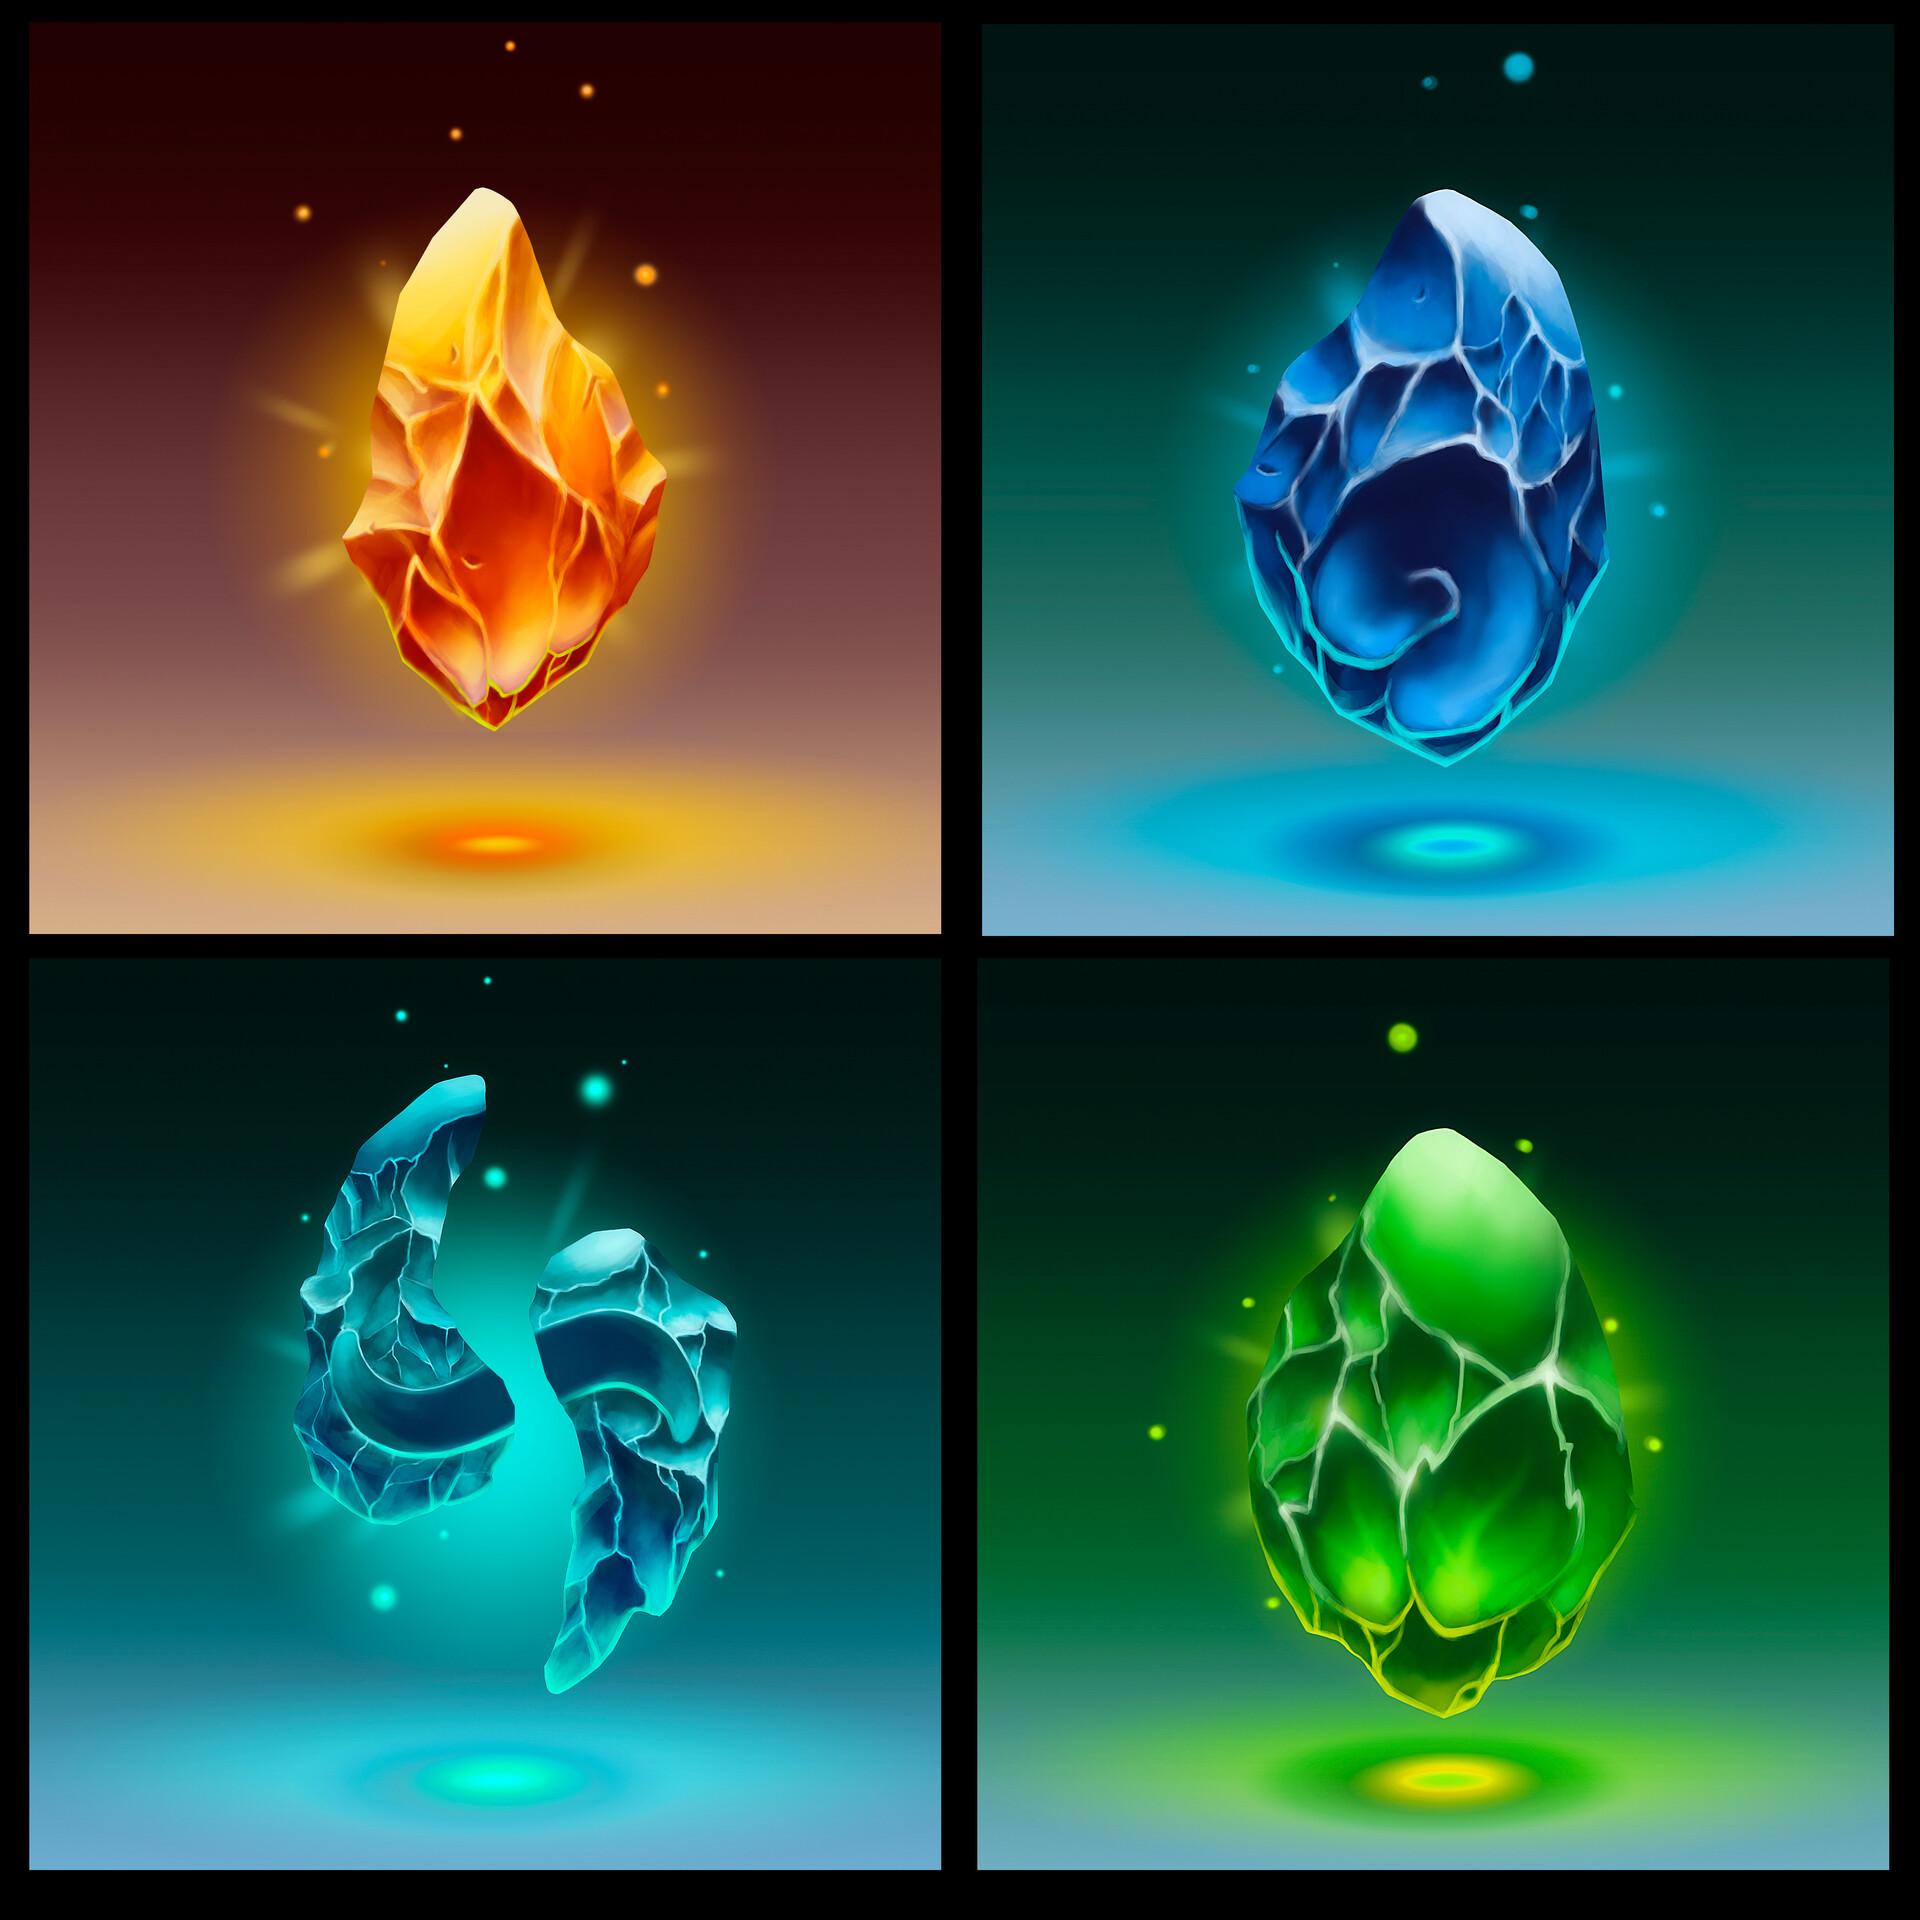 Картинки воды огня и воздуха